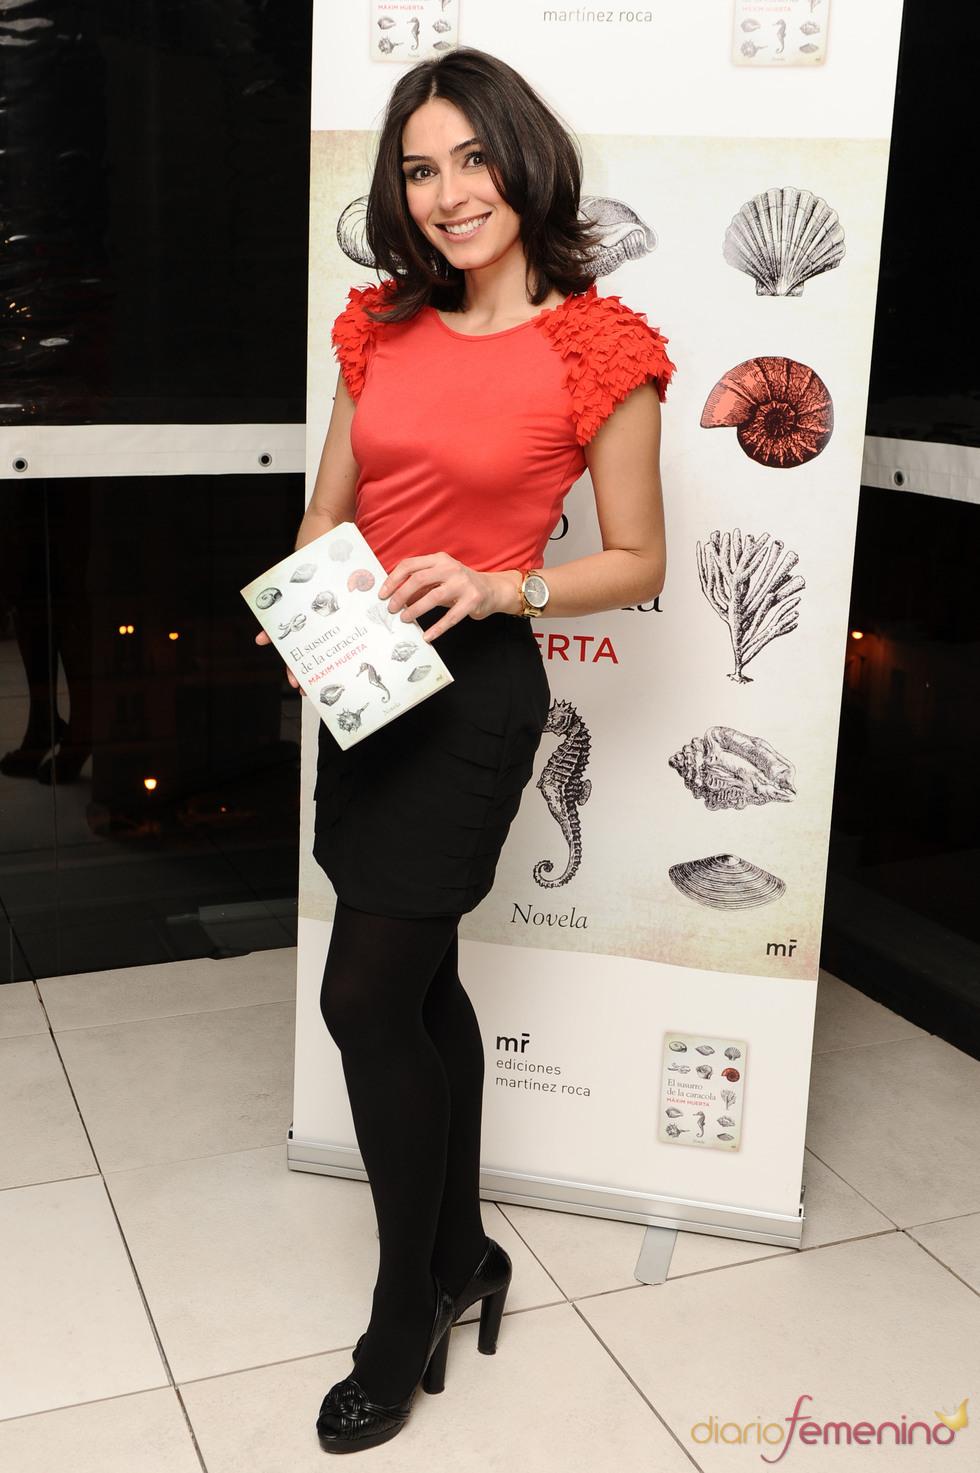 Marta fern ndez en la presentaci n del libro de m xim huerta for Maxim huerta libros